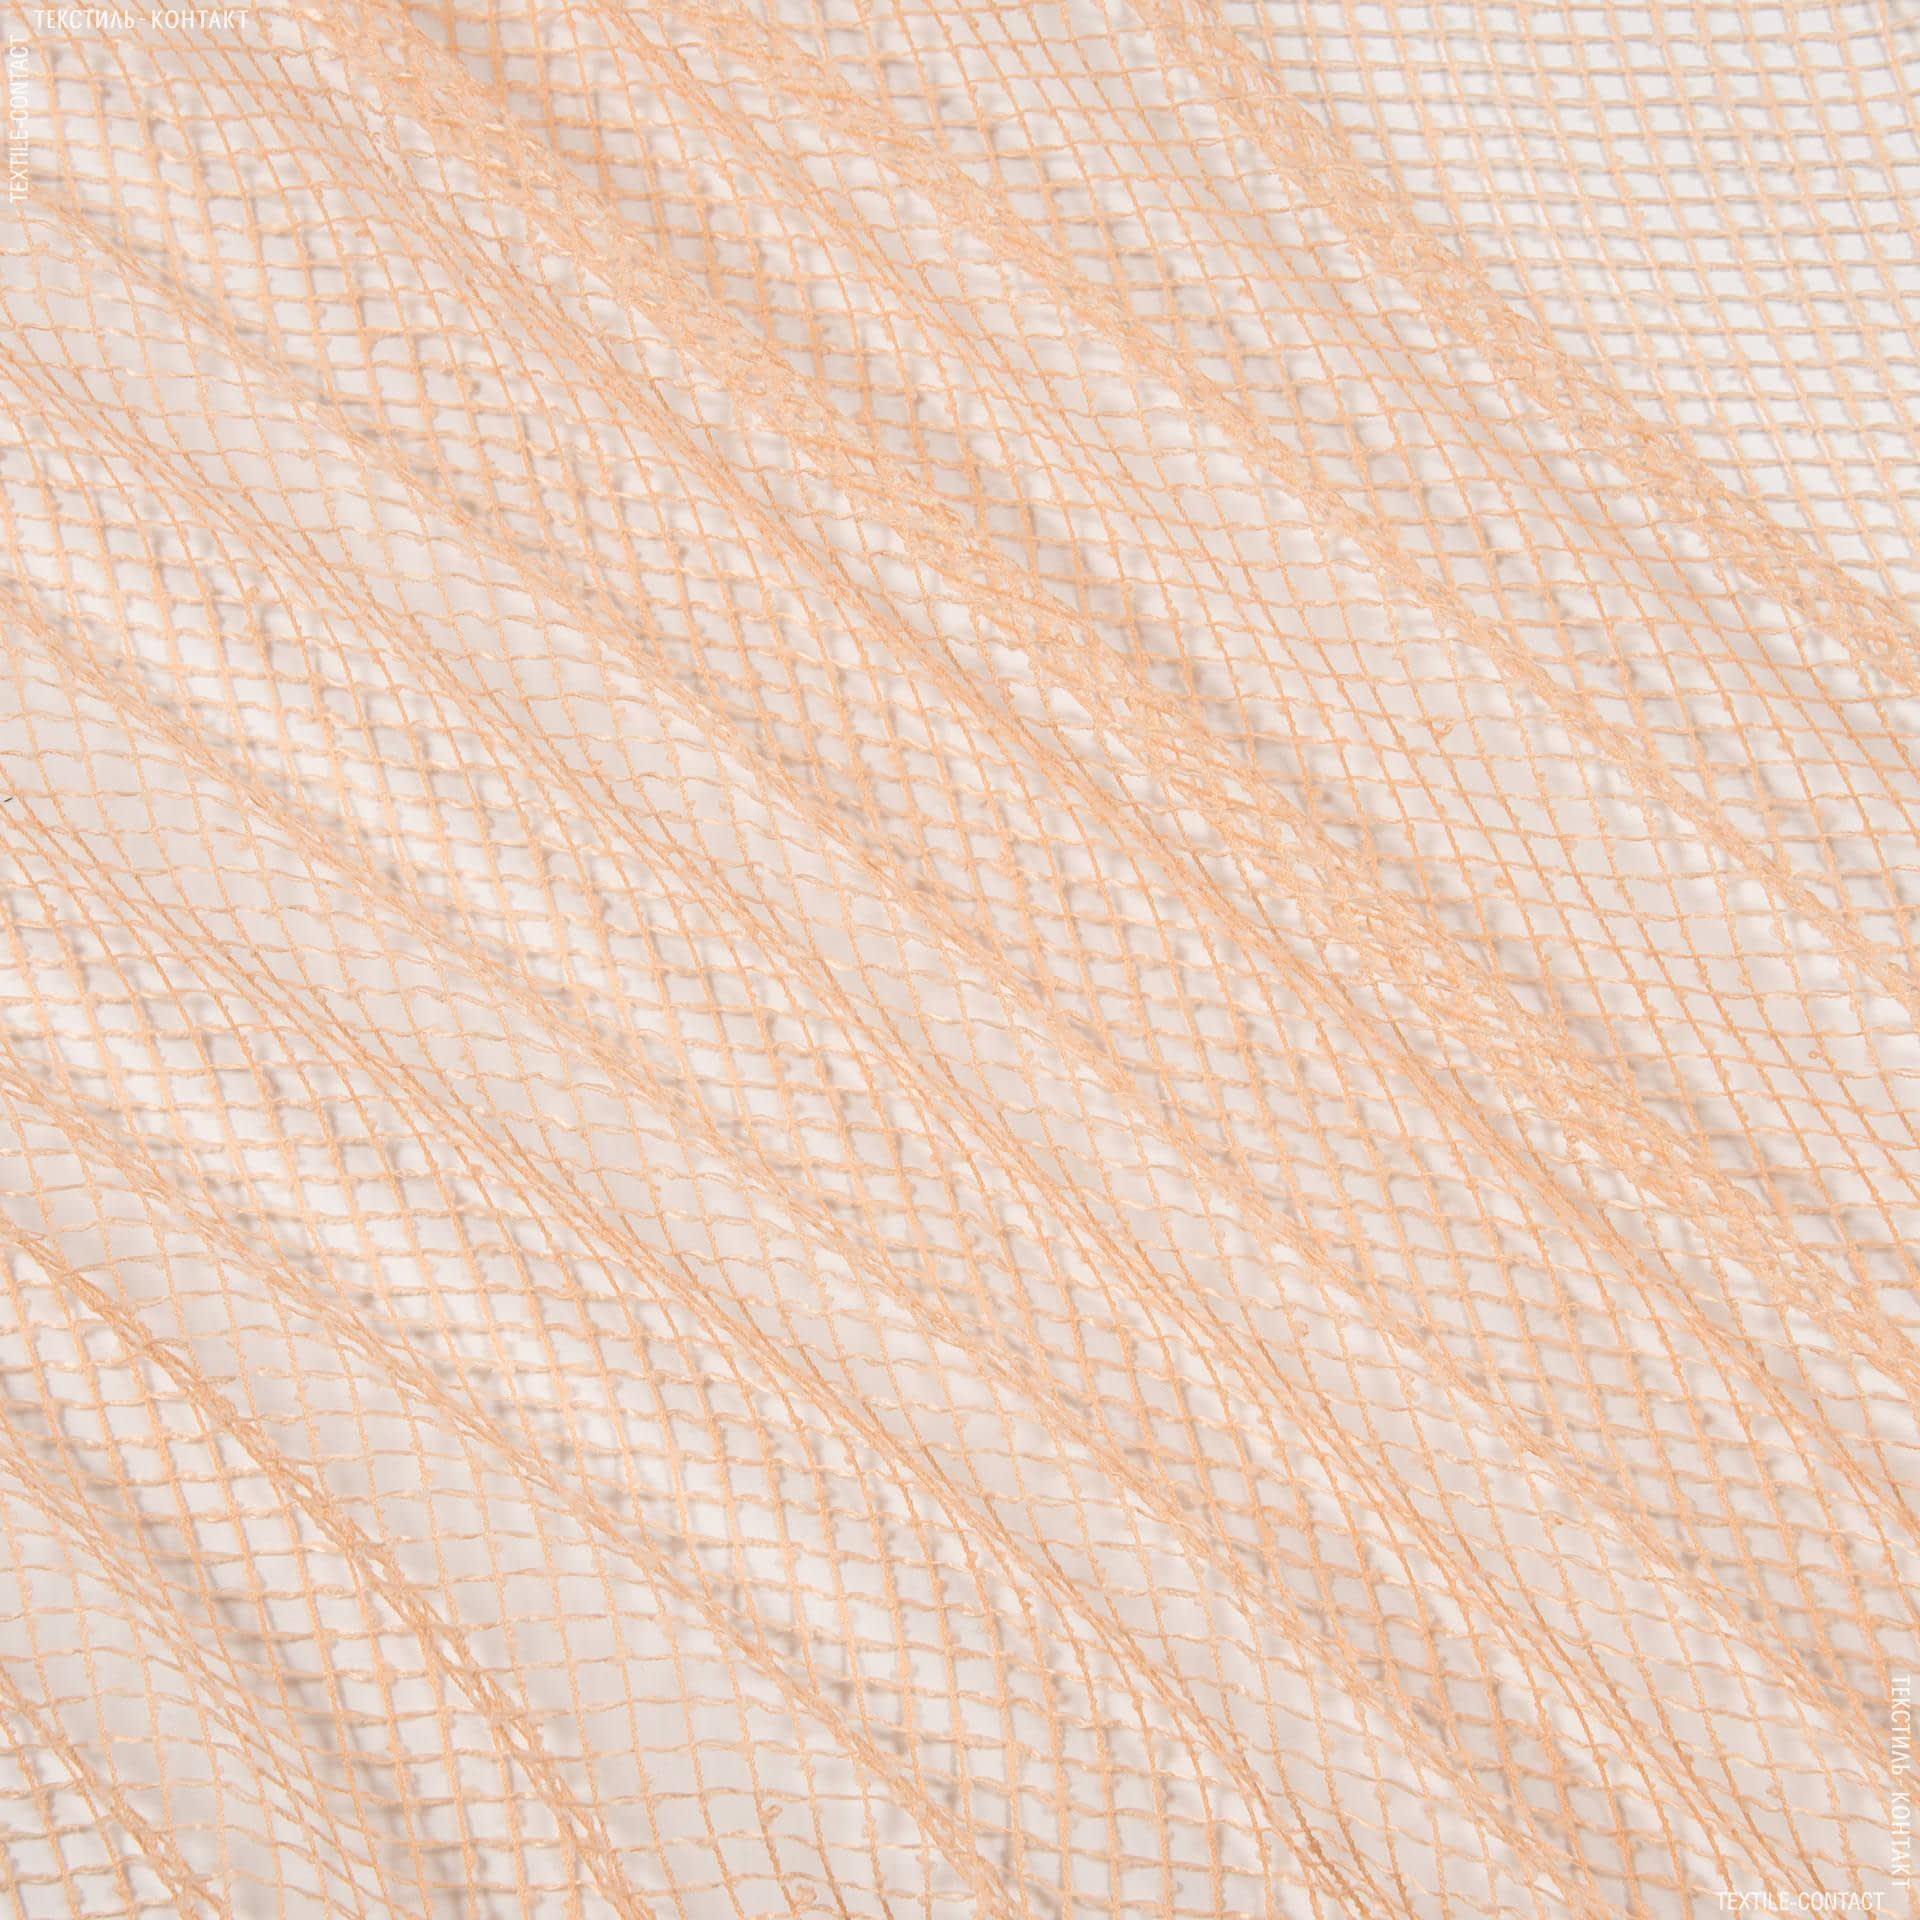 Ткани для драпировки стен и потолков - Тюль сетка  элиза/  чайная роза